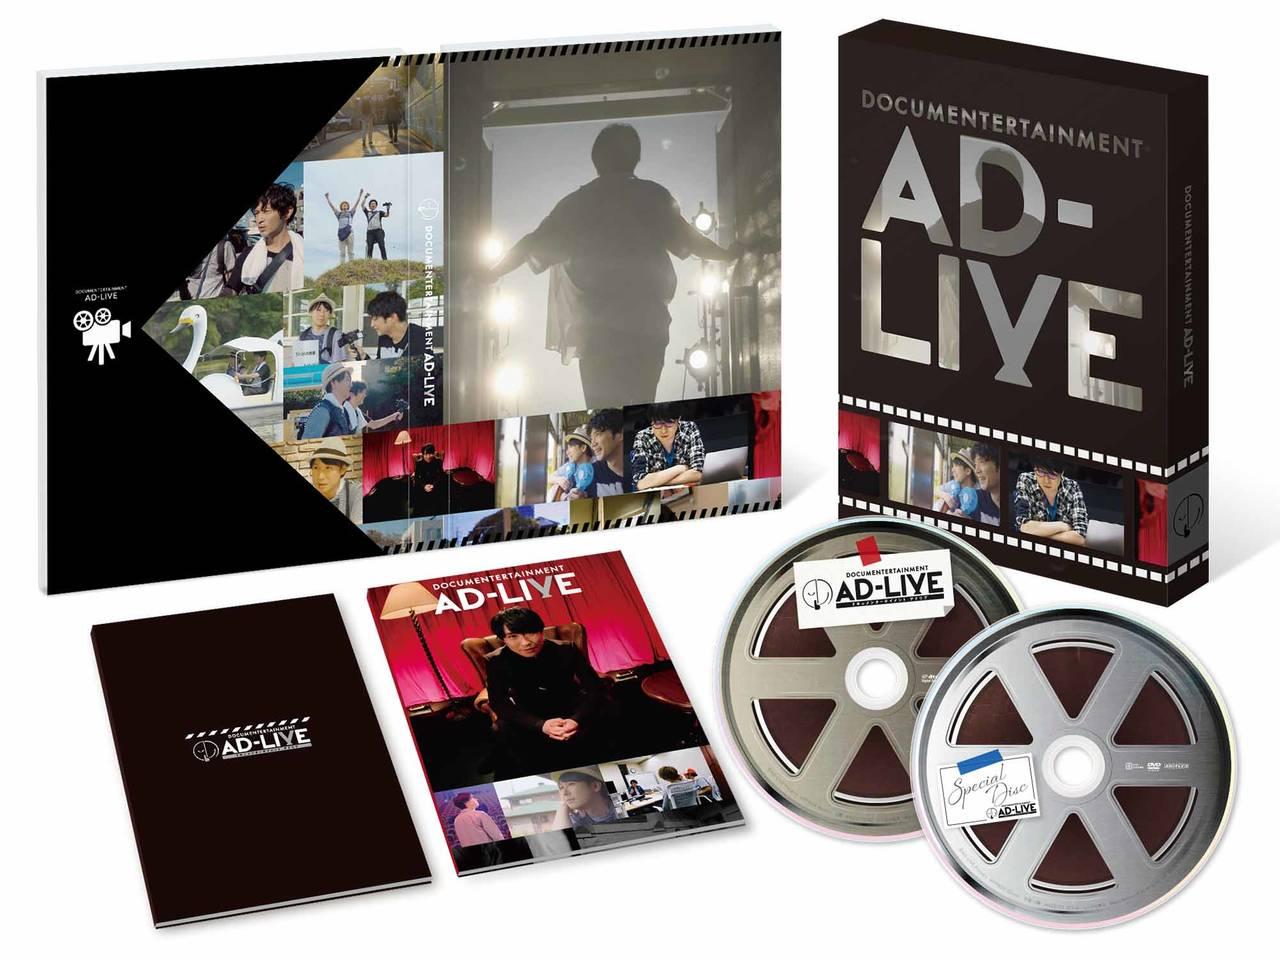 映画『ドキュメンターテイメント AD-LIVE』Blu-ray&DVD、まもなく発売